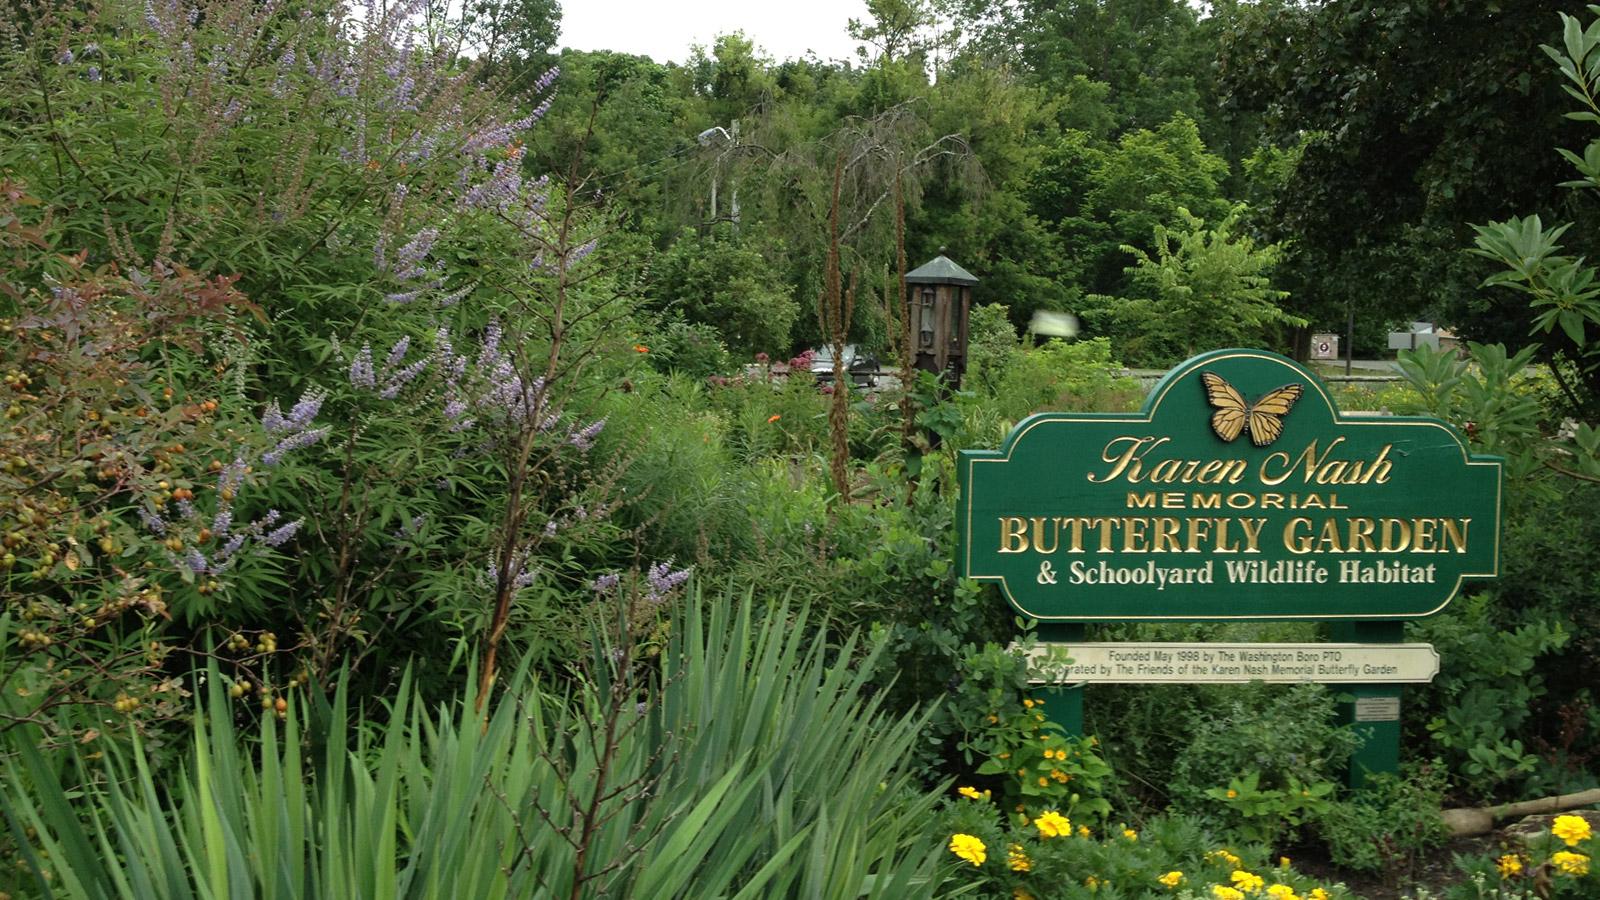 Karen Nash Memorial Butterfly Garden